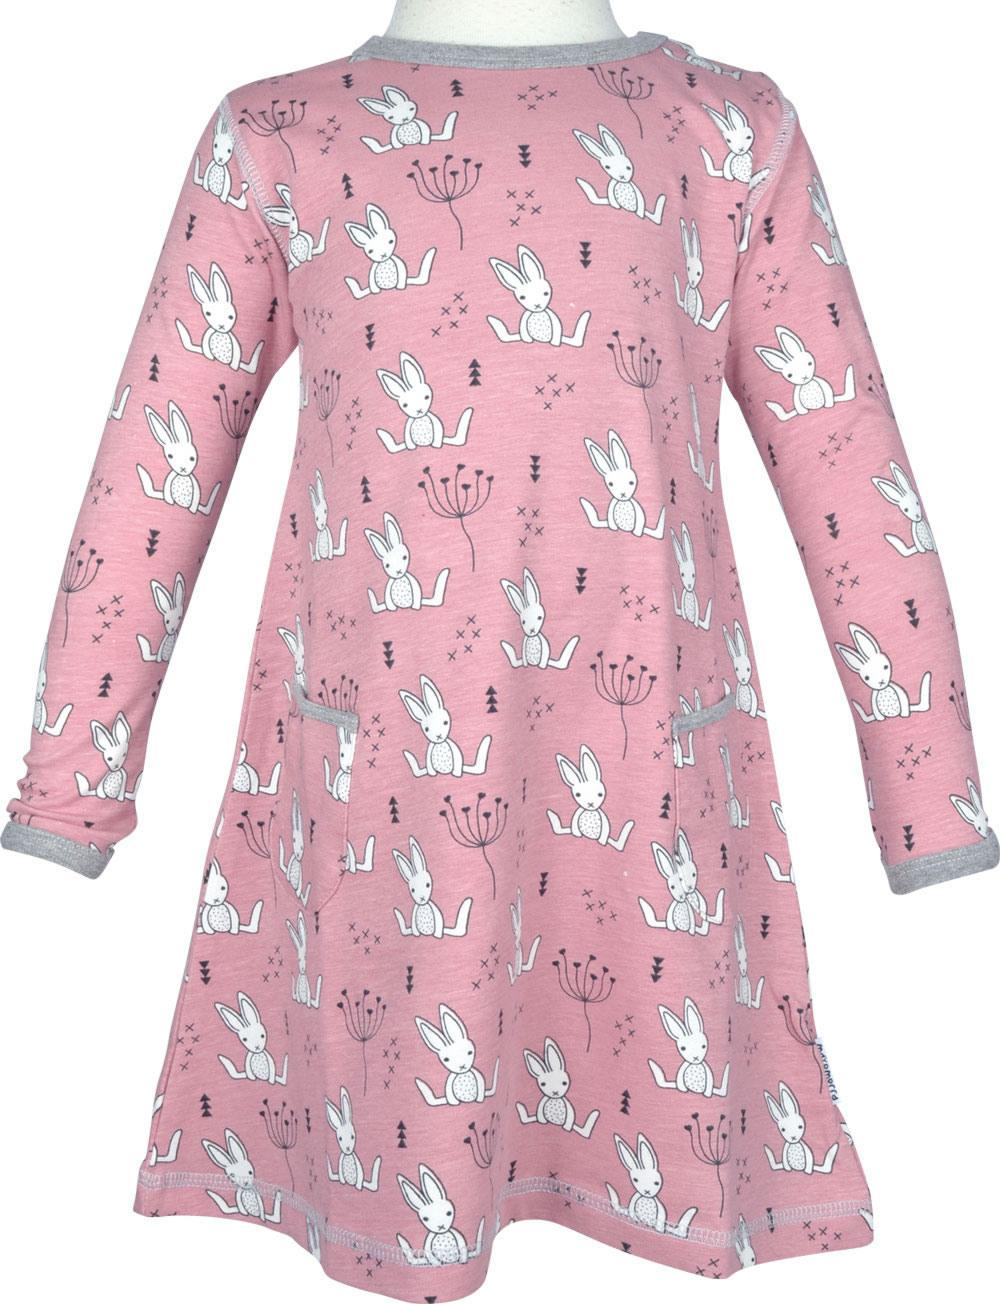 20 Elegant Kleid Grau Langarm Spezialgebiet10 Coolste Kleid Grau Langarm Bester Preis